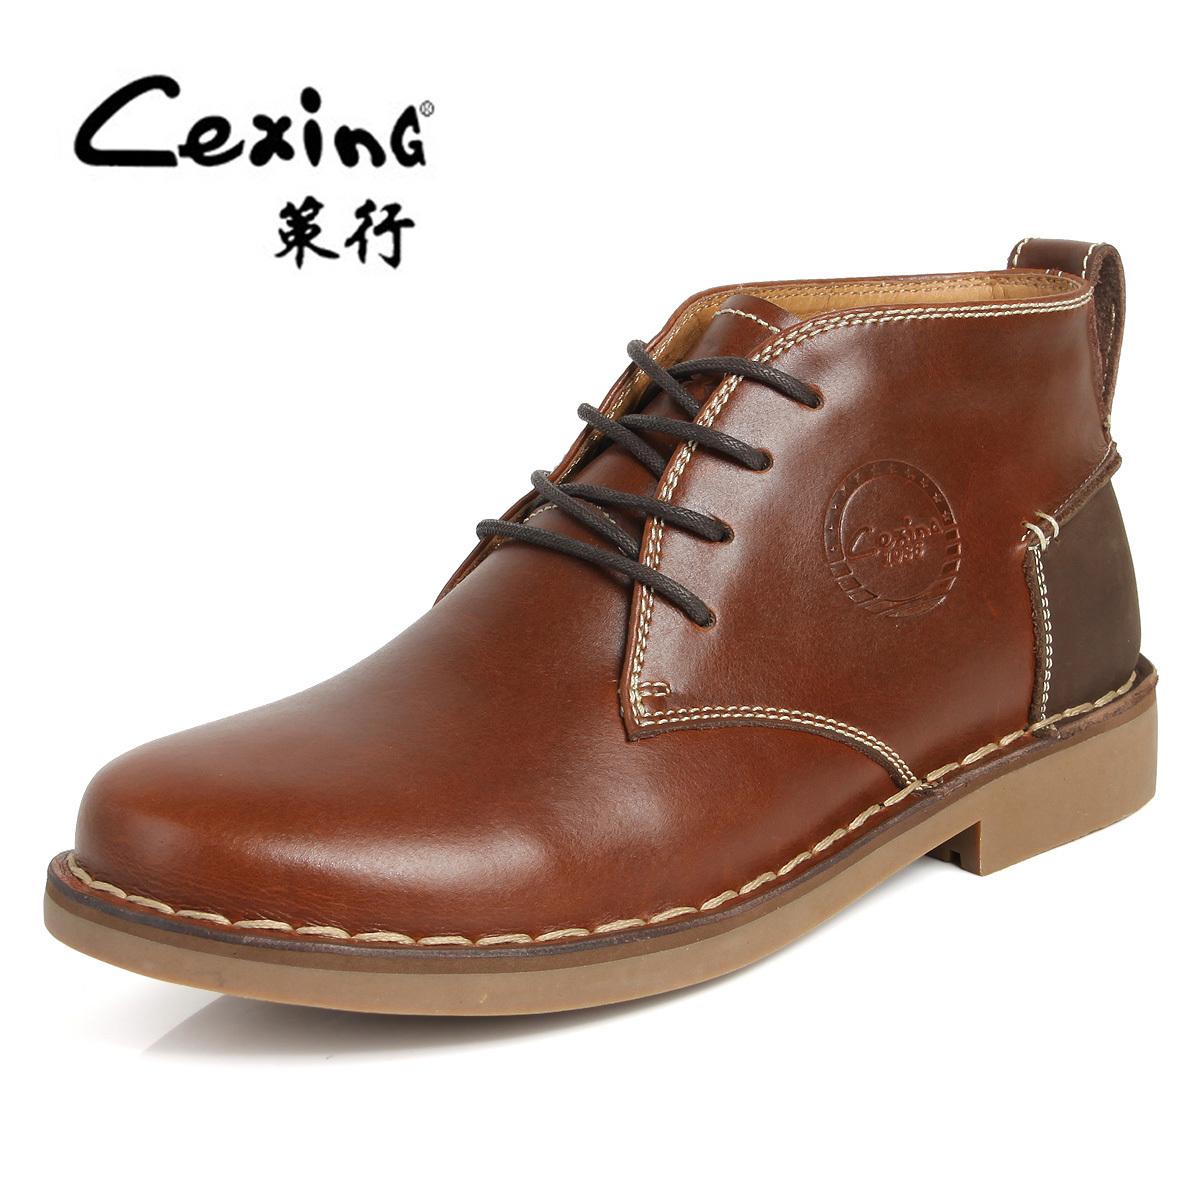 Ботинки мужские Policy line 5677 Для отдыха Круглый носок Верхний слой из натуральной кожи Мягкая кожа Зима